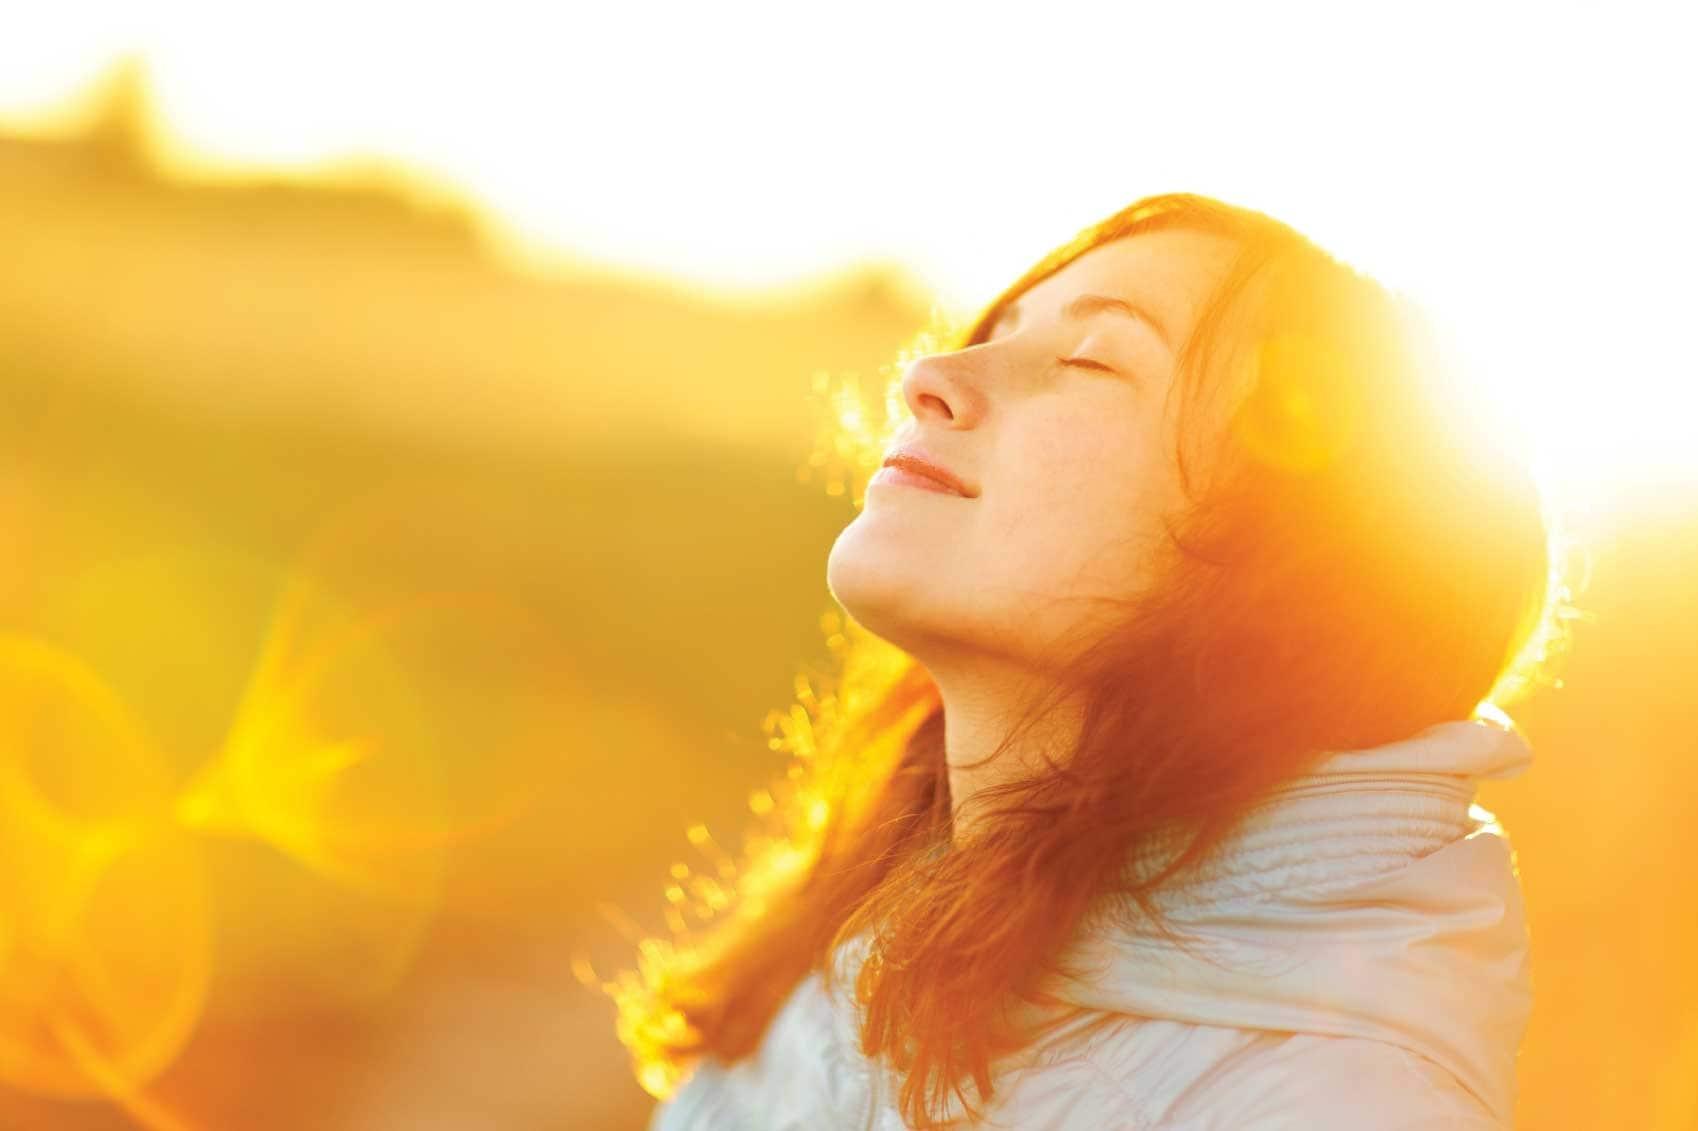 સામાન્ય રીતે એવું કહેવામાં આવે છે કે વિટામિન-ડી શરીરના 20 ટકા ખુલ્લા હાથ અને પગથી દરરોજ 15 મિનિટ સૂર્યપ્રકાશ લેવાથી મળી શકે છે. આગળનો પ્રશ્ન એ છે કે દિવસનો કયો સમય સૂર્યપ્રકાશના સંપર્કમાં રહેવા માટે સૌથી યોગ્ય છે. લોકપ્રિય માન્યતા અનુસાર સવારનો તડકો અને મોડી સાંજનો સૂર્યપ્રકાશ યોગ્ય છે.